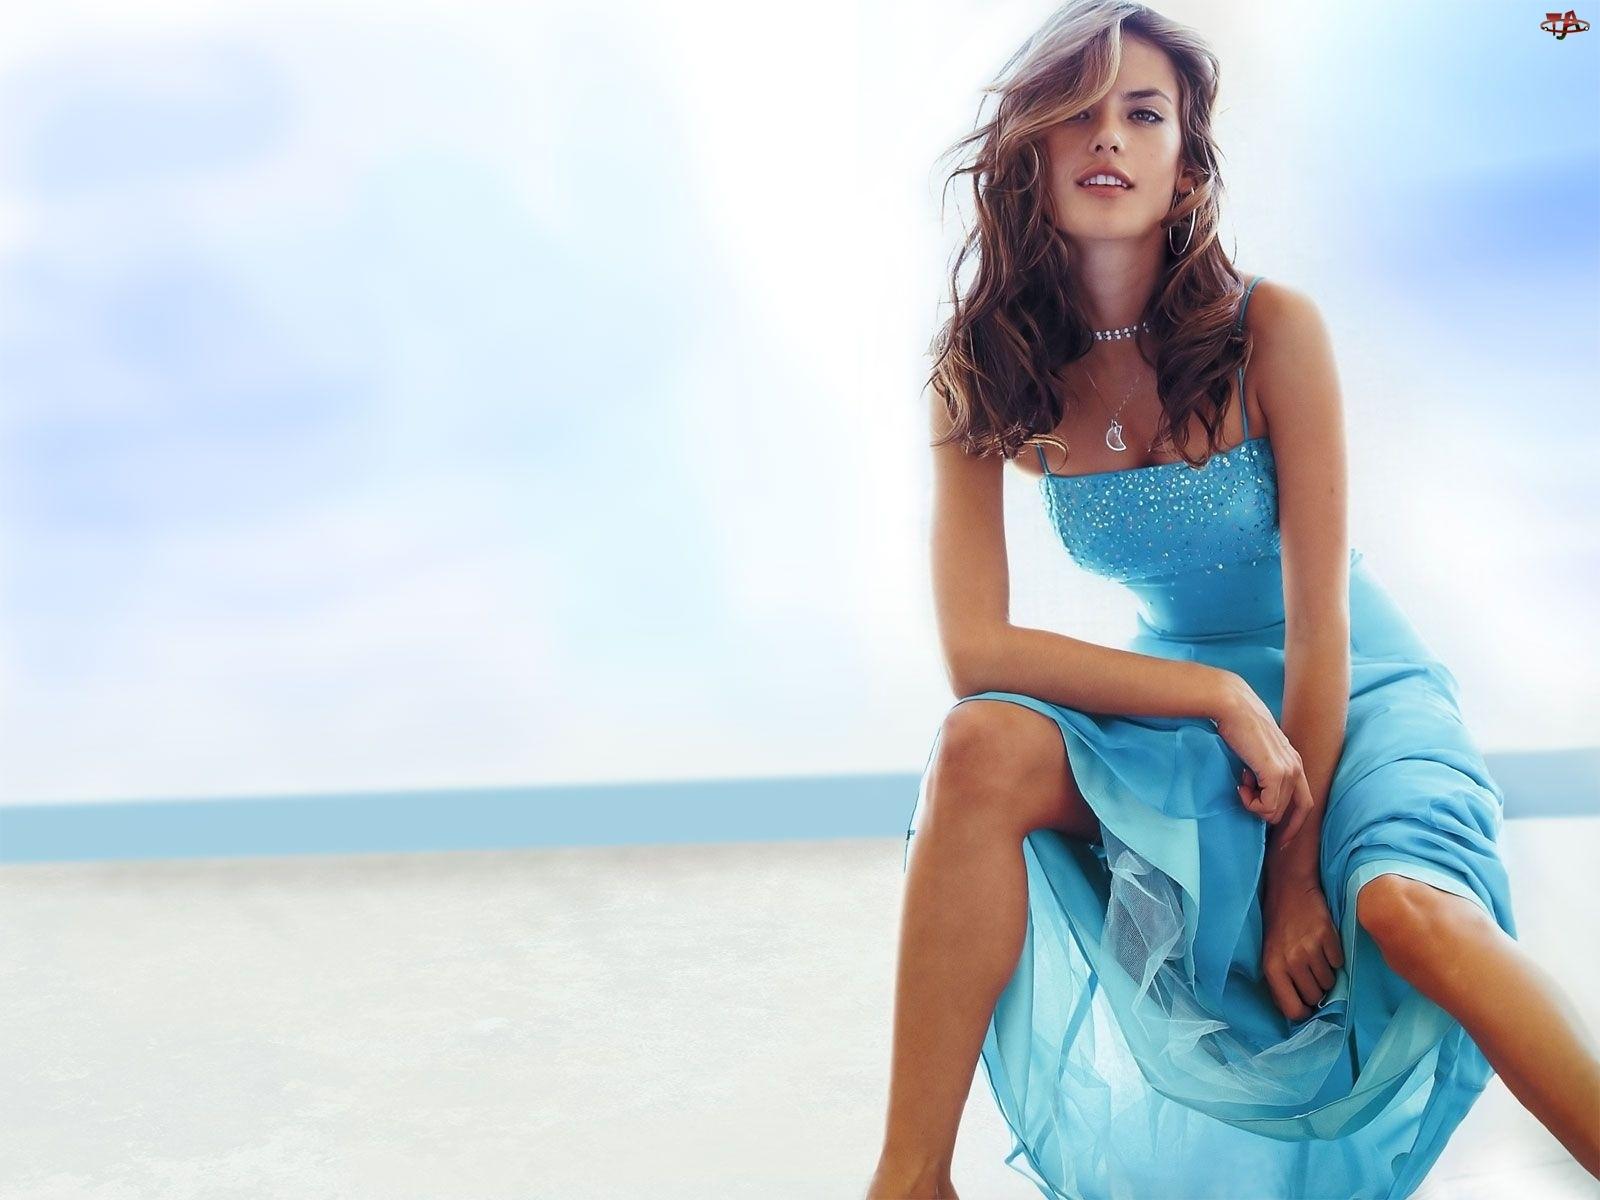 Sukienka, Alessandra Ambrosio, Plaża, Modelka, Niebieska